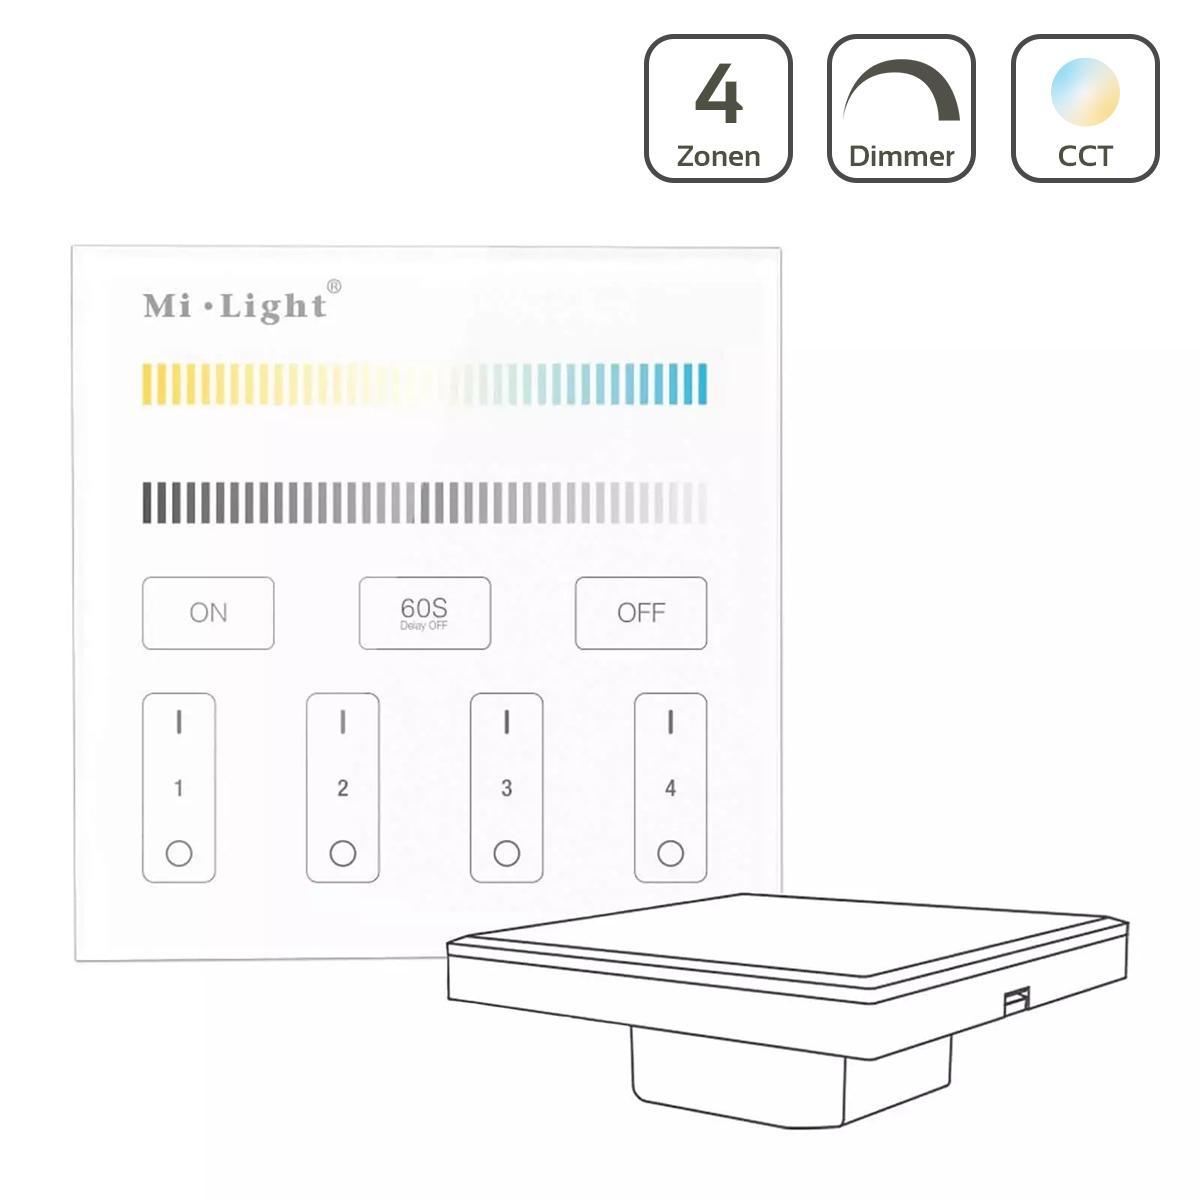 MiBoxer CCT Wandschalter 4 Zonen Einbau Dimmen Schalten Farbsteuerung 230V Anschluss T2